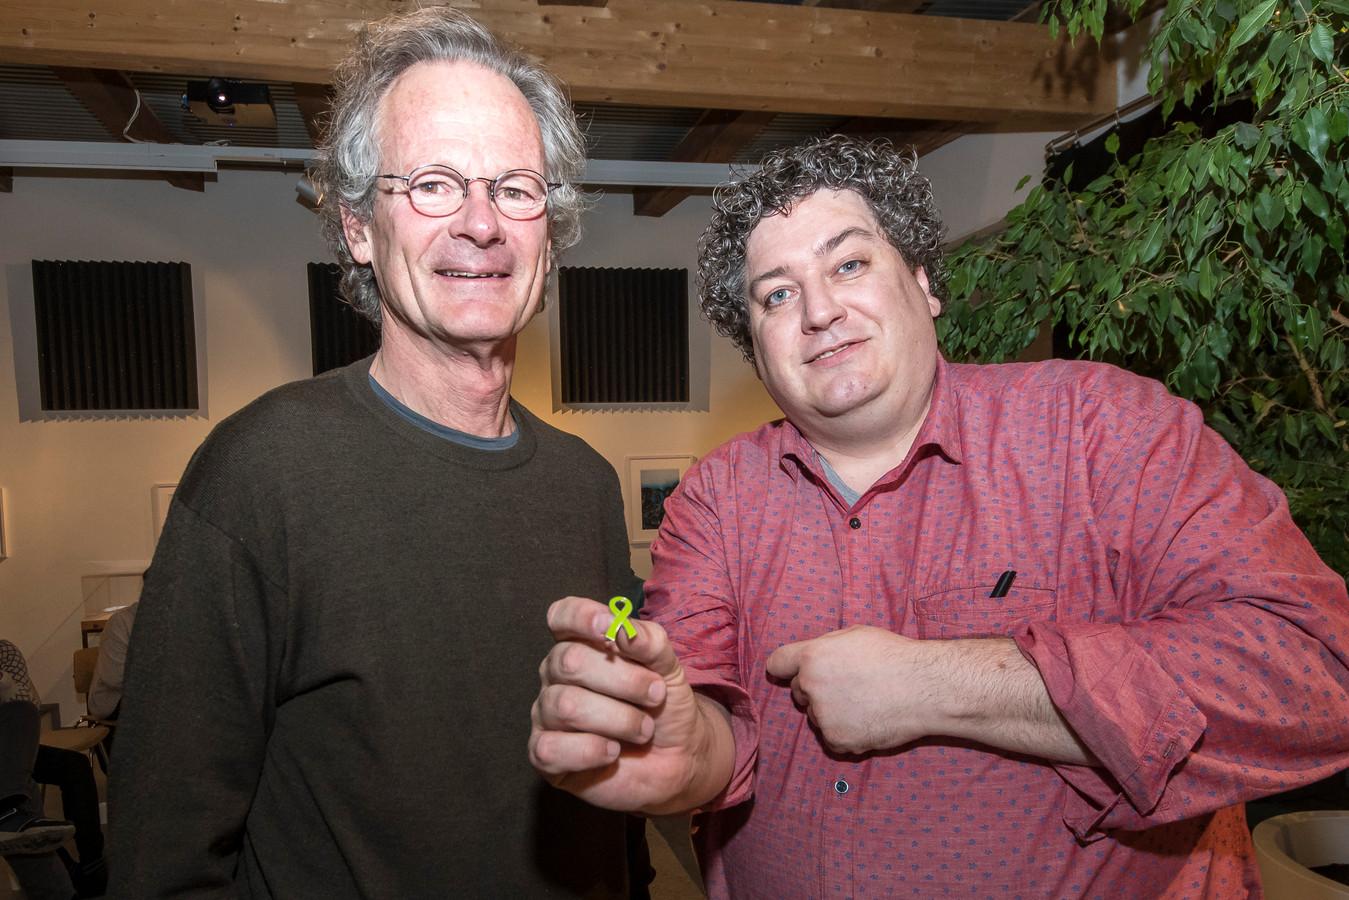 Tt-2019-0014472-Borculo uitreiking eerste groene lintje in Berkelland van Groen Links  aan Jaap de Boer door jurylid Stefan Nijhuis editie:Achterhoek Foto Reinier van Willigen RVW20191114